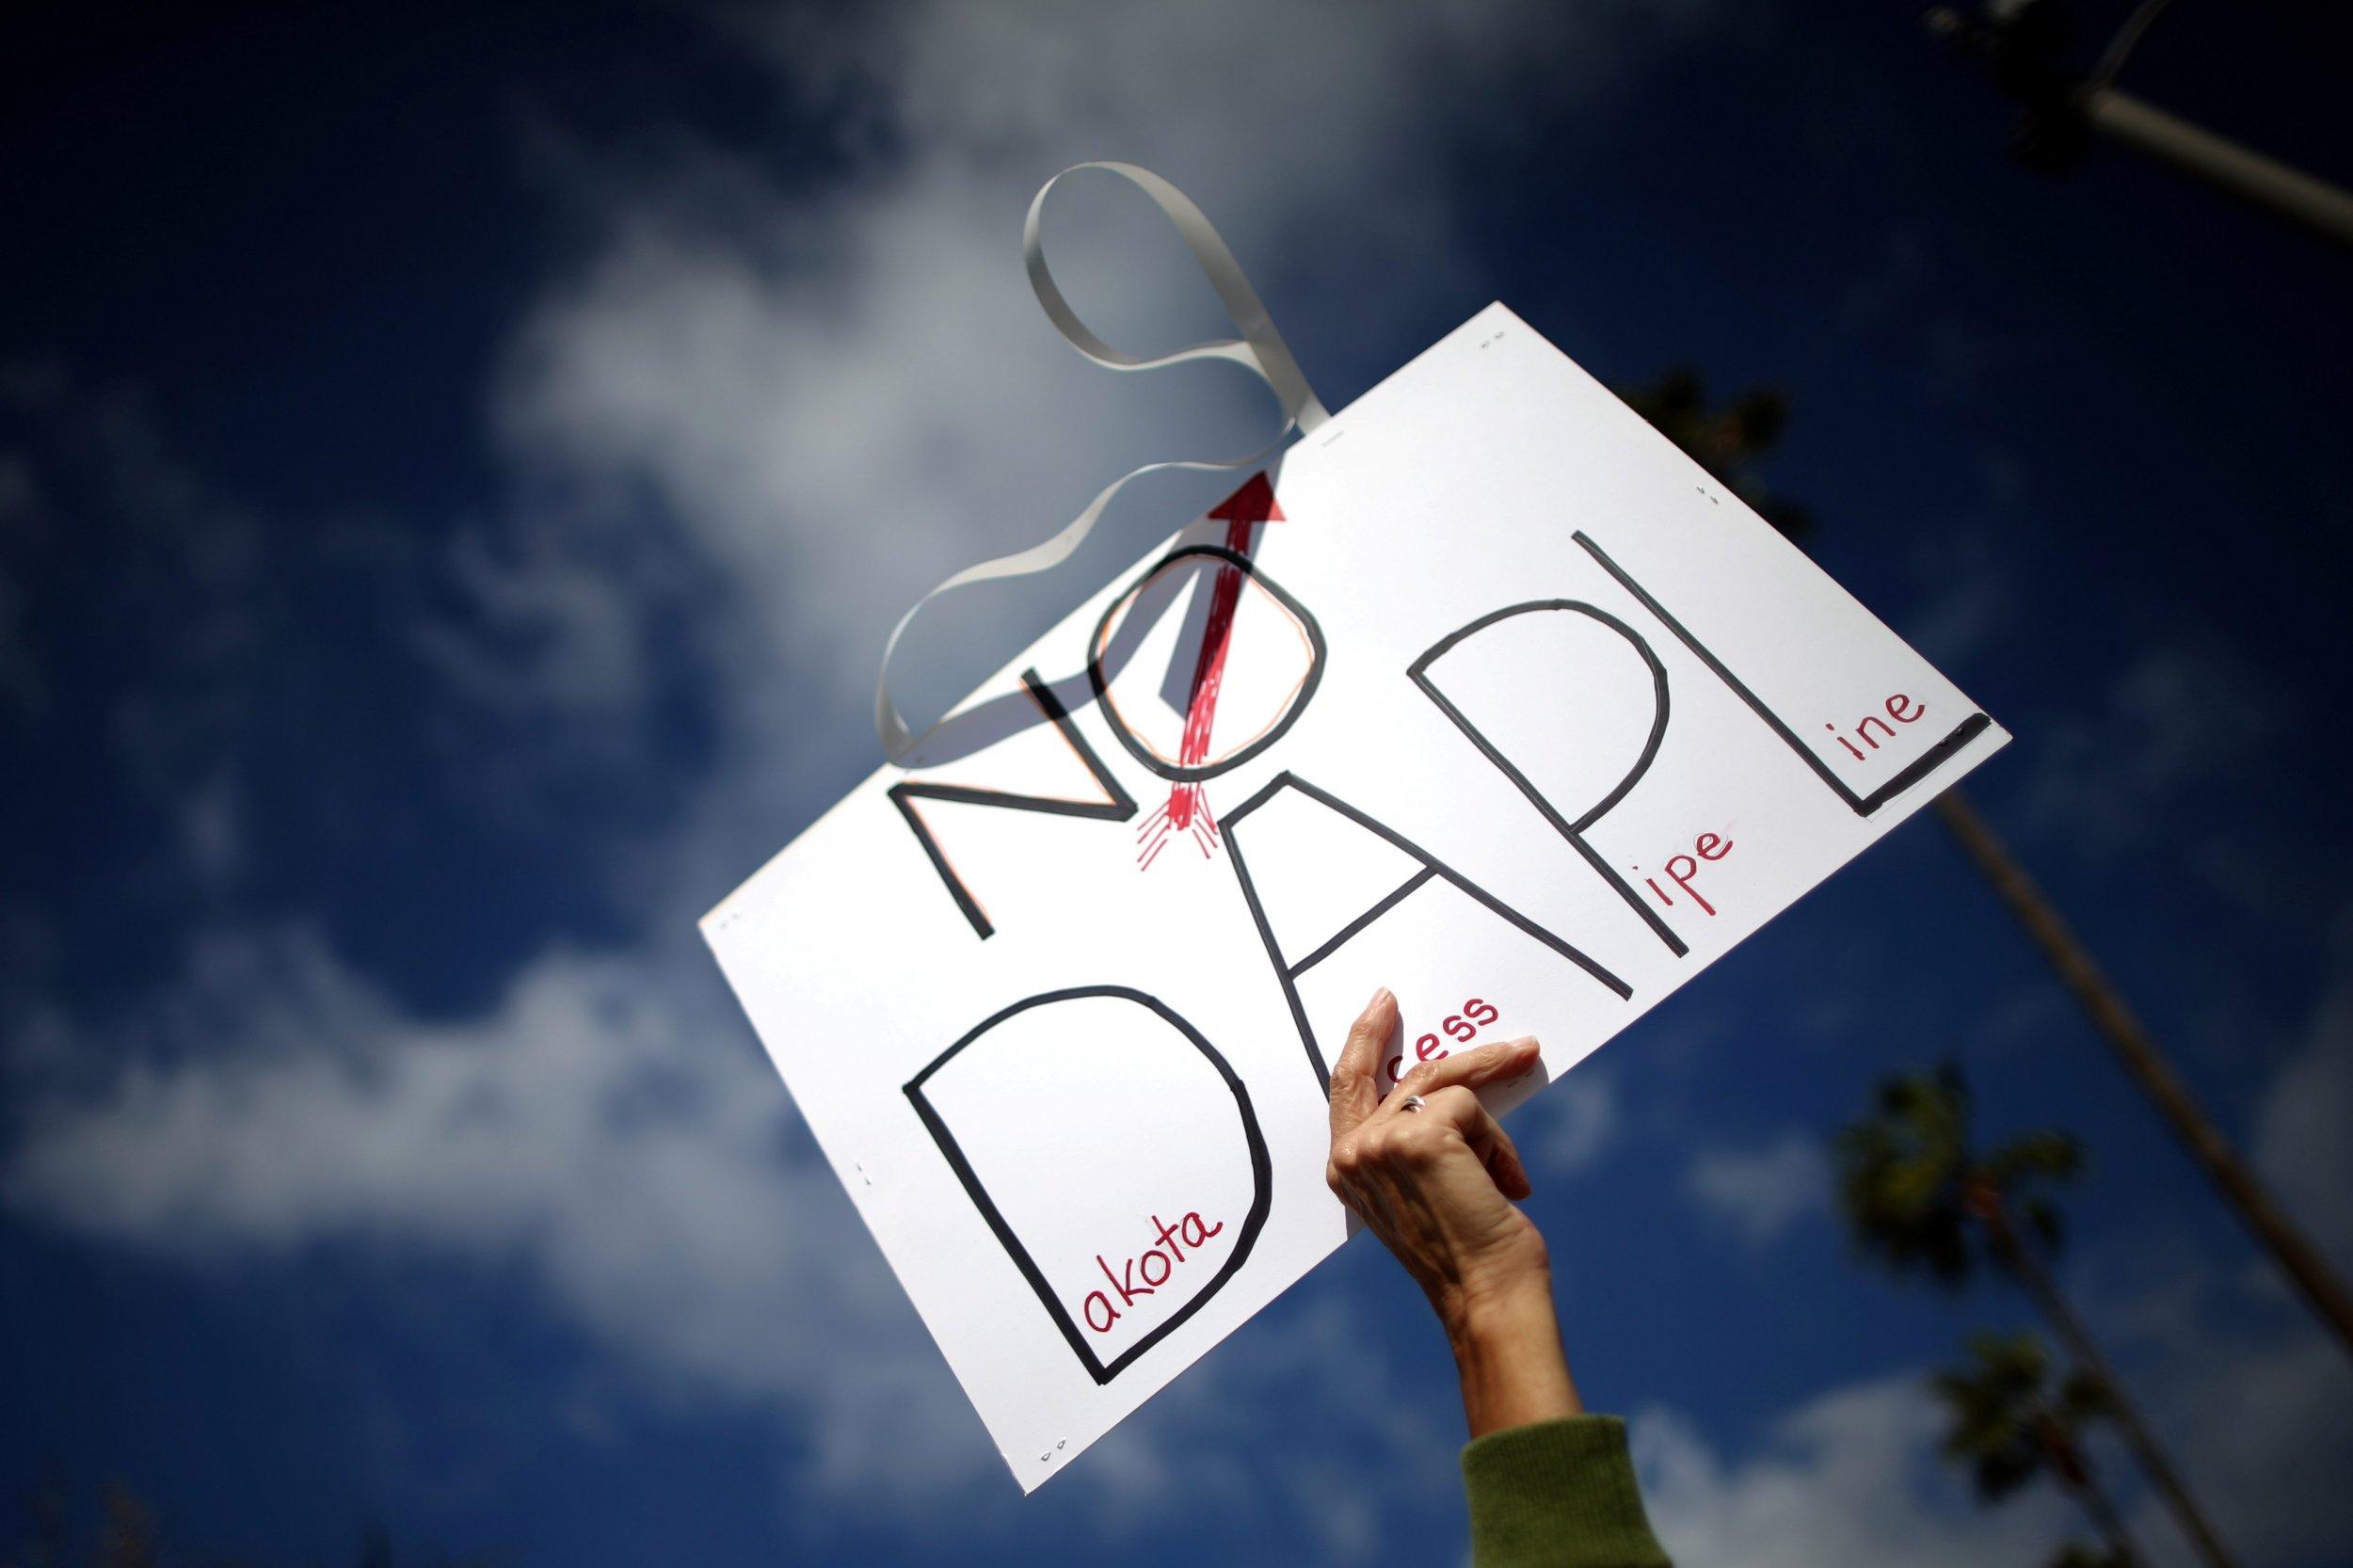 10_22_pipeline_01